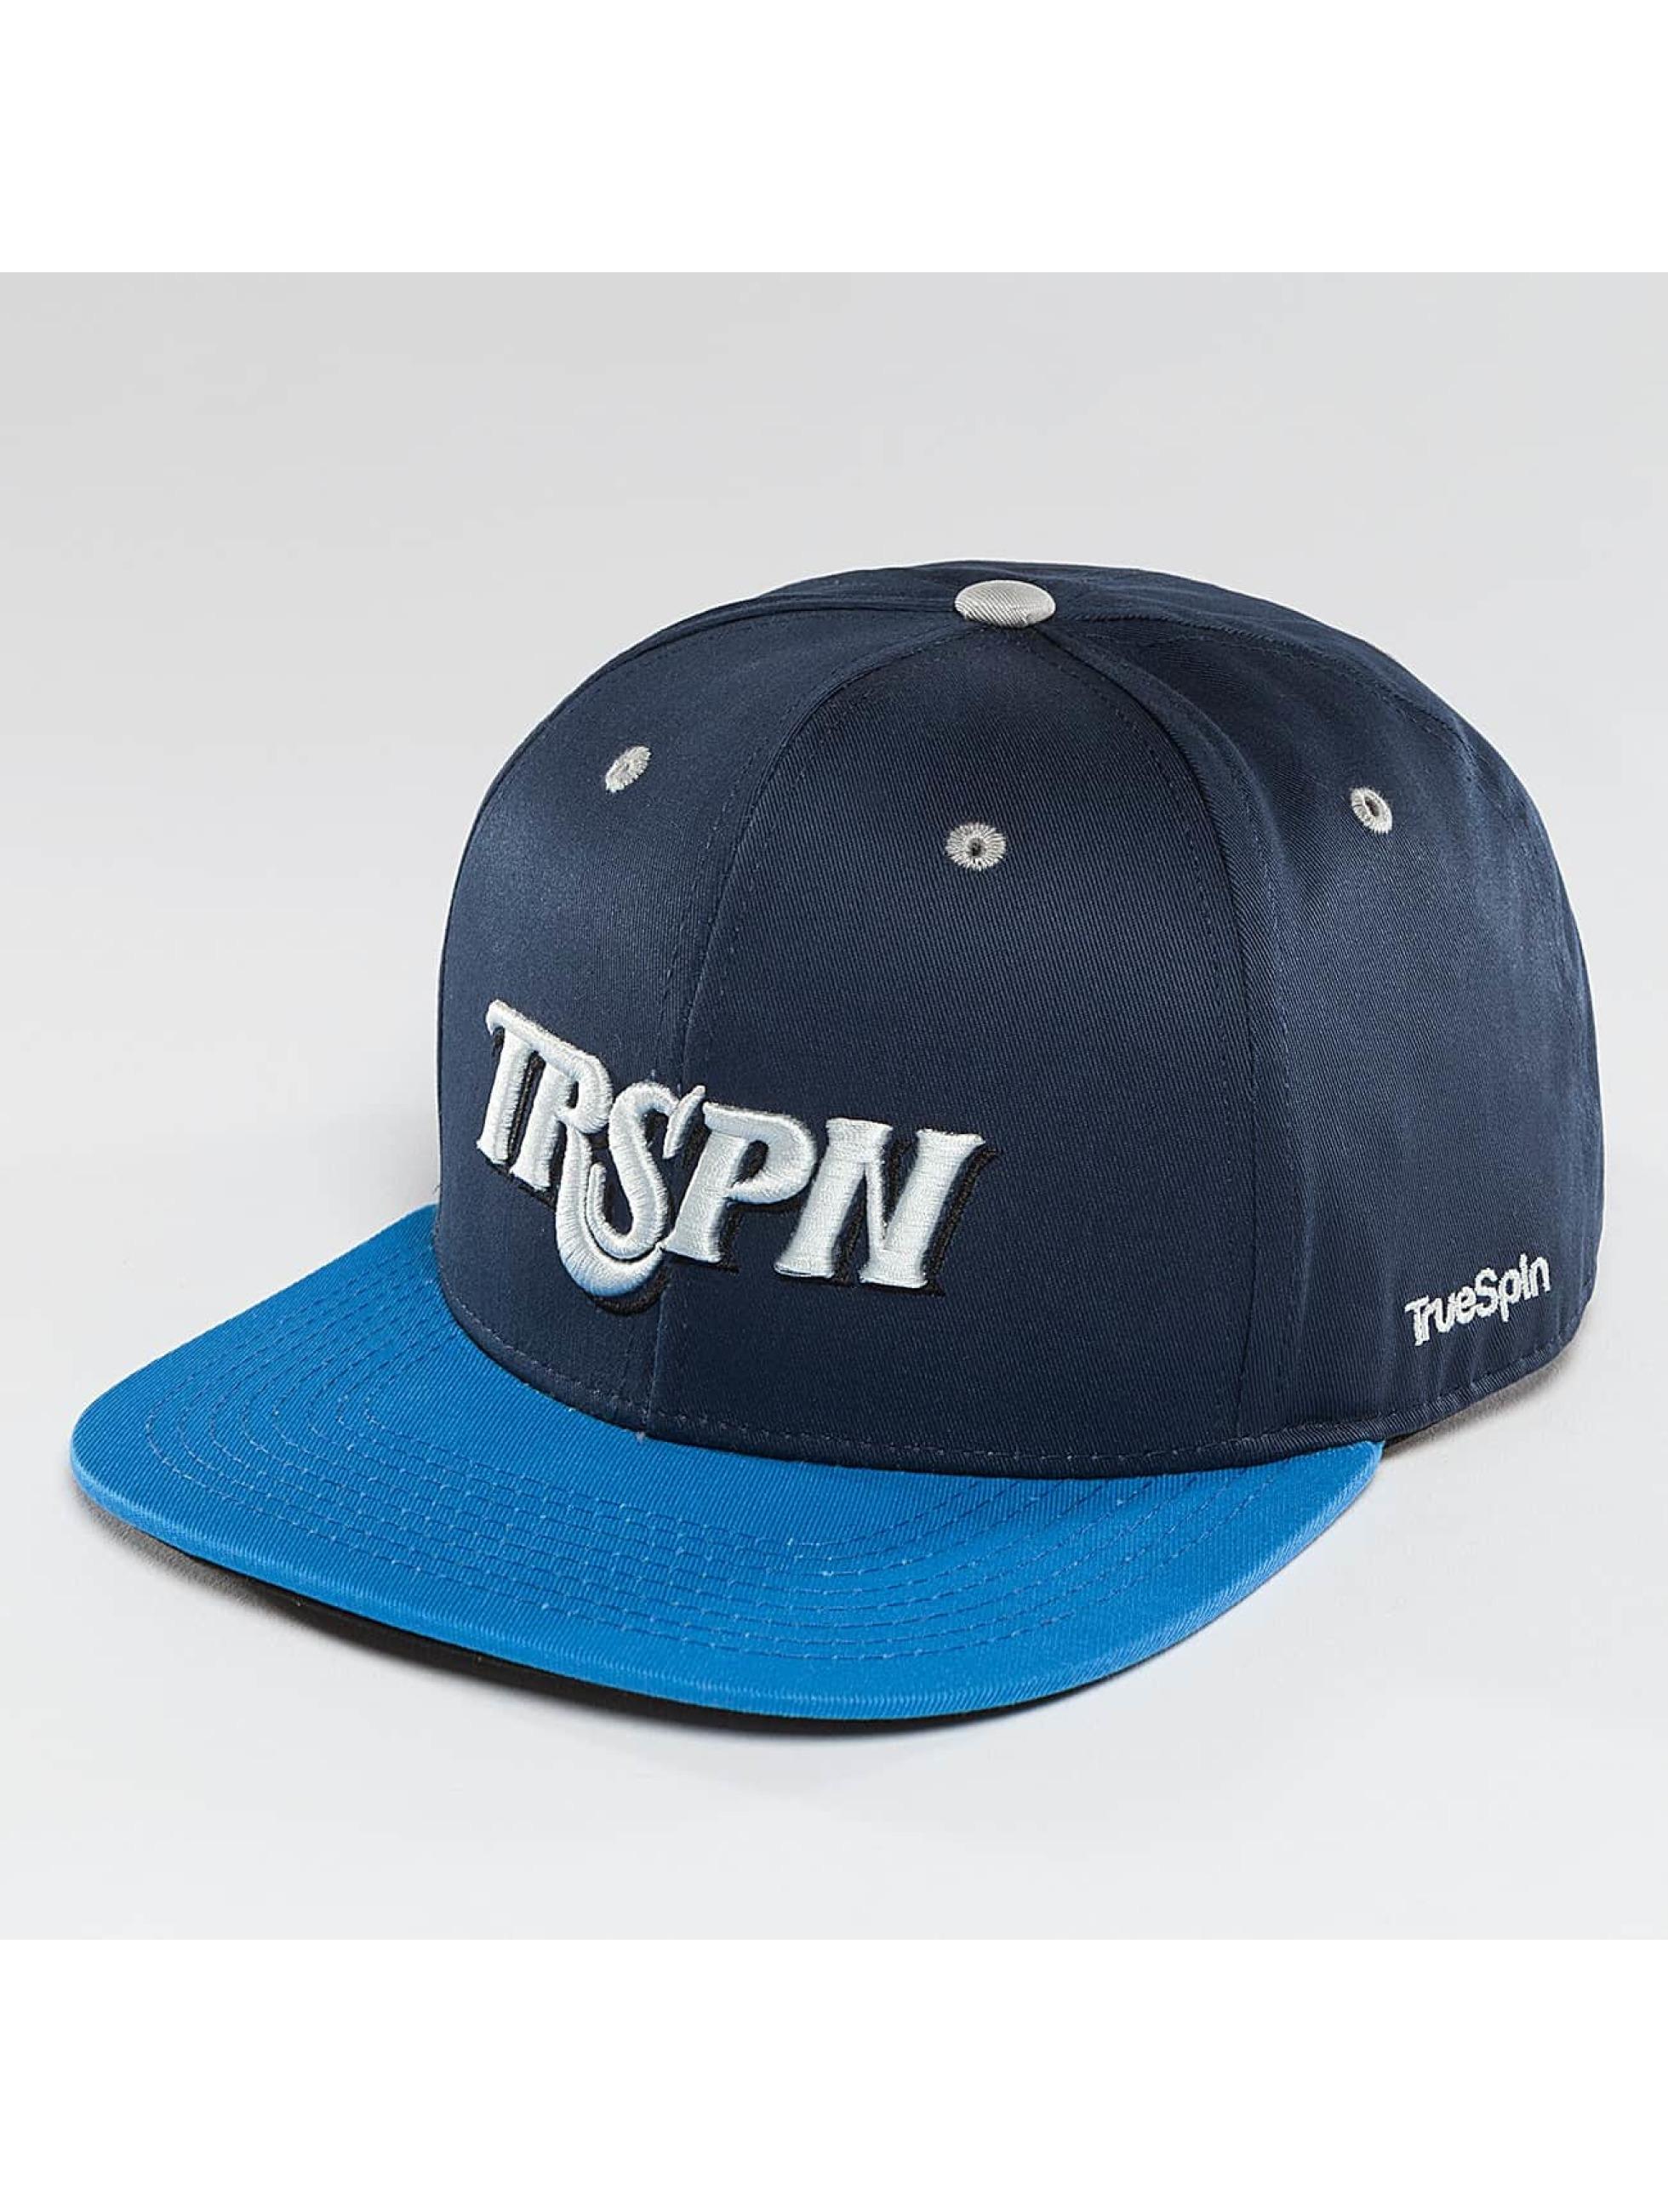 TrueSpin Snapback Team TRSPN modrá